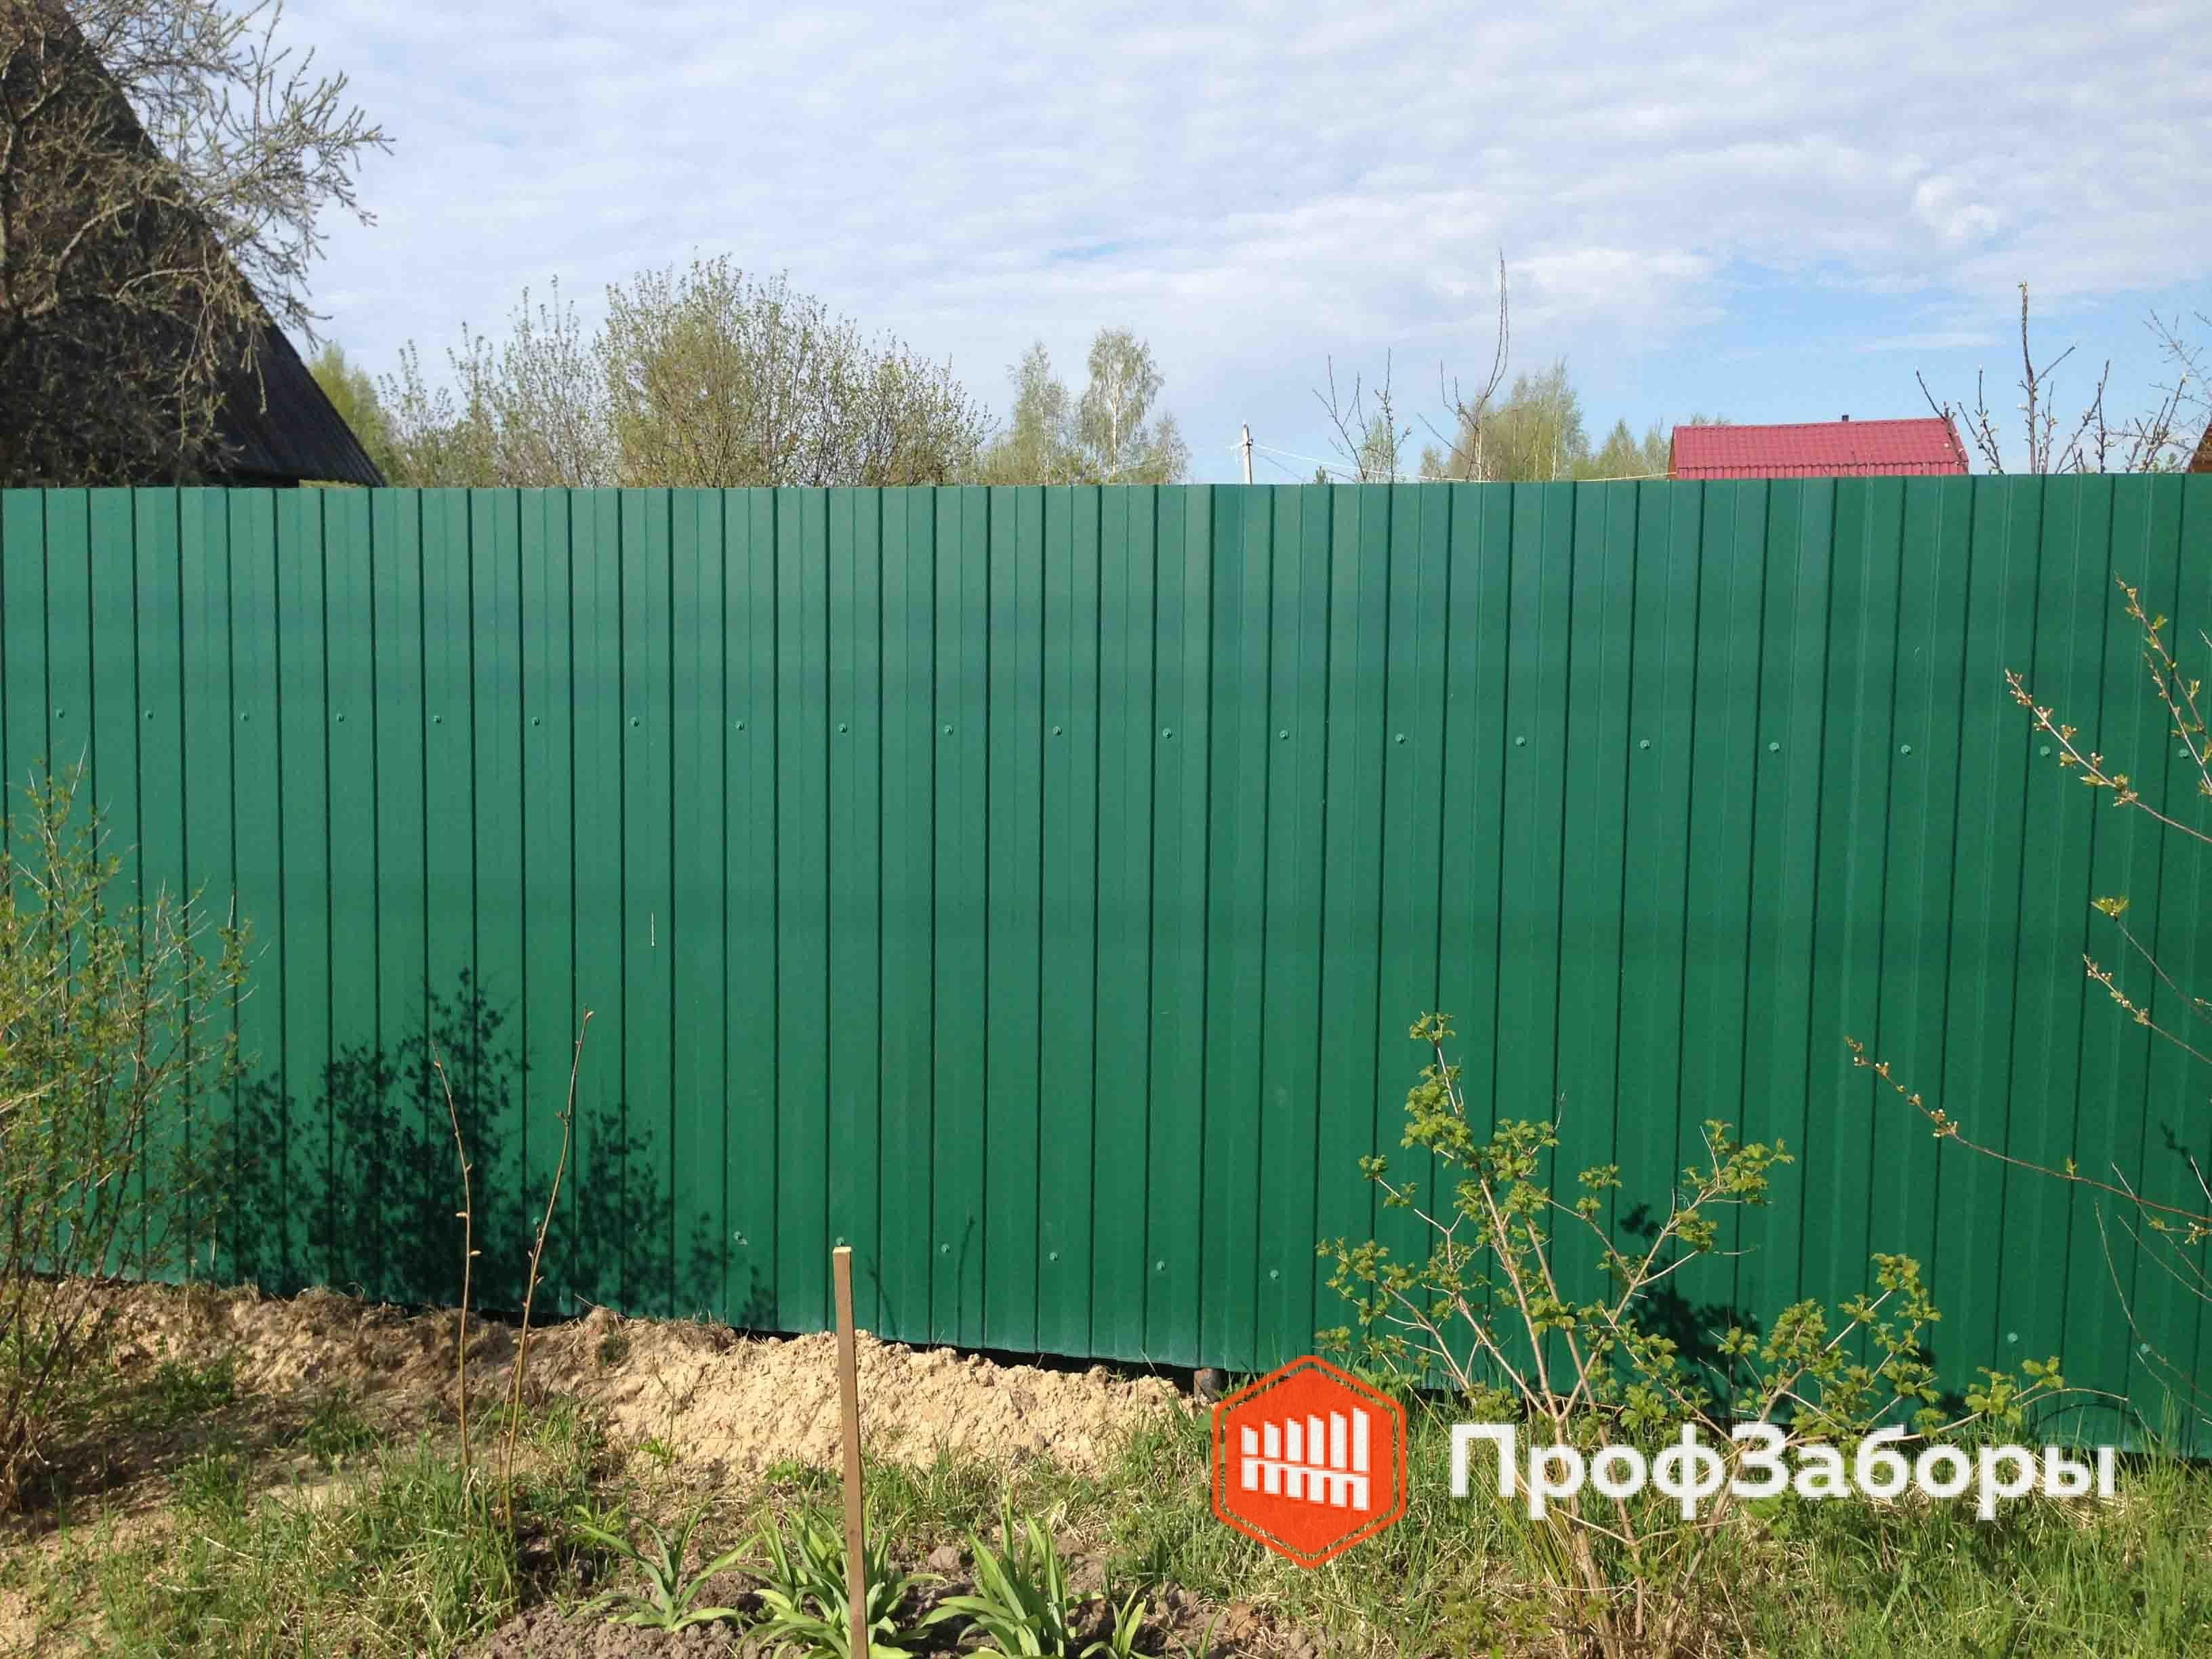 Заборы Из профнастила  - Деревня Александрово. Фото 3